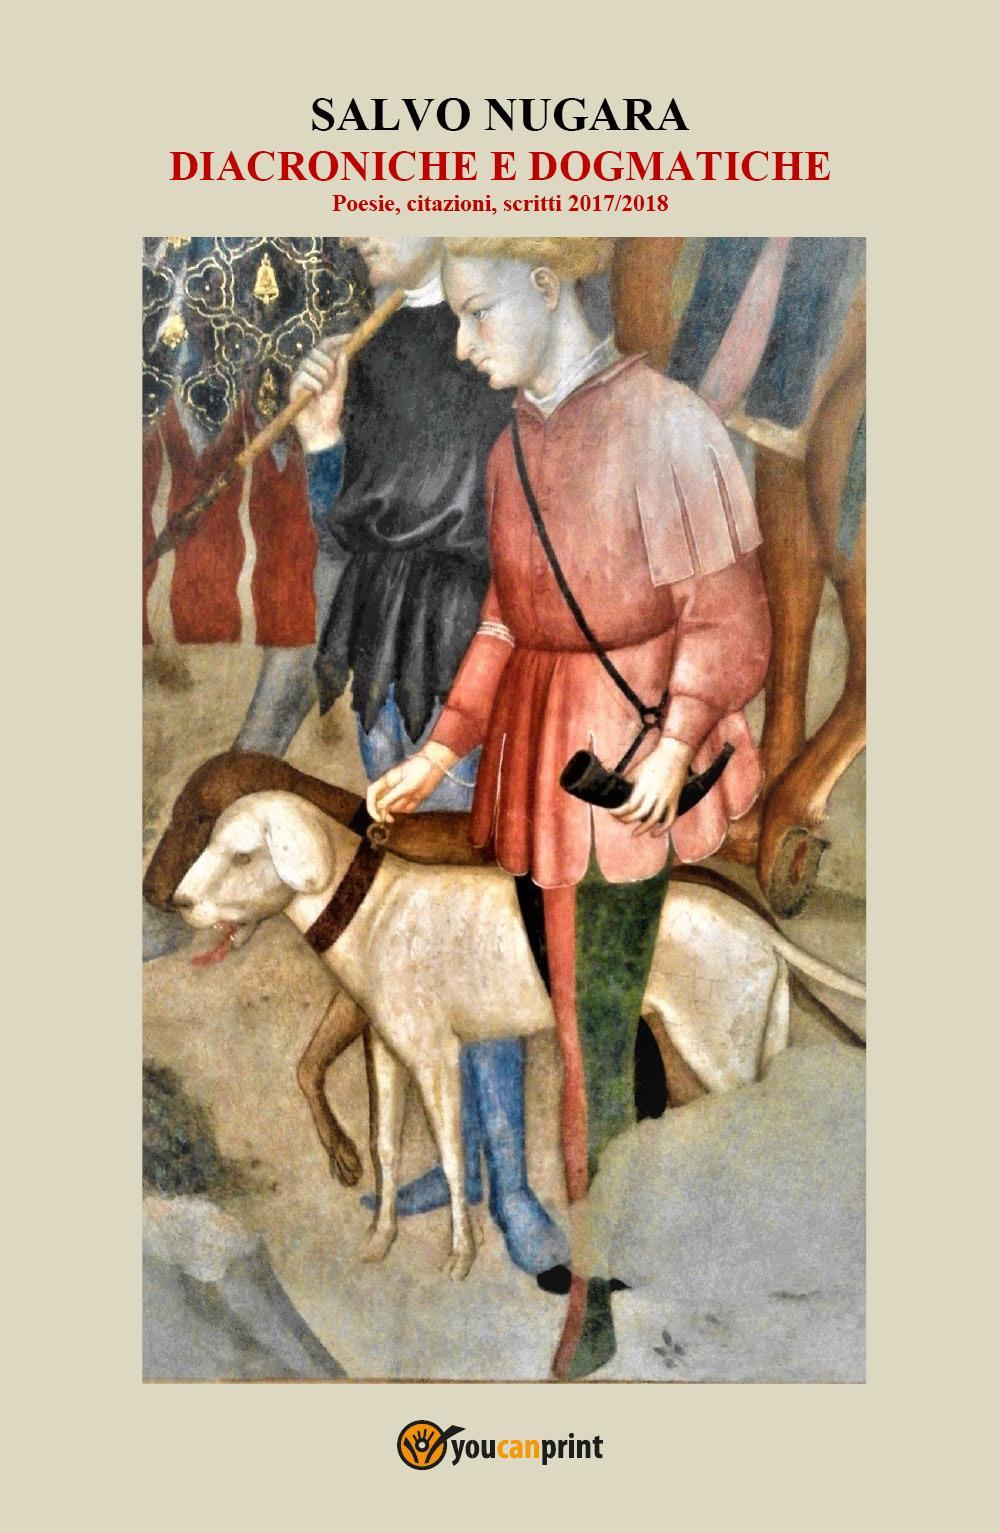 Diacroniche e DogMatiche